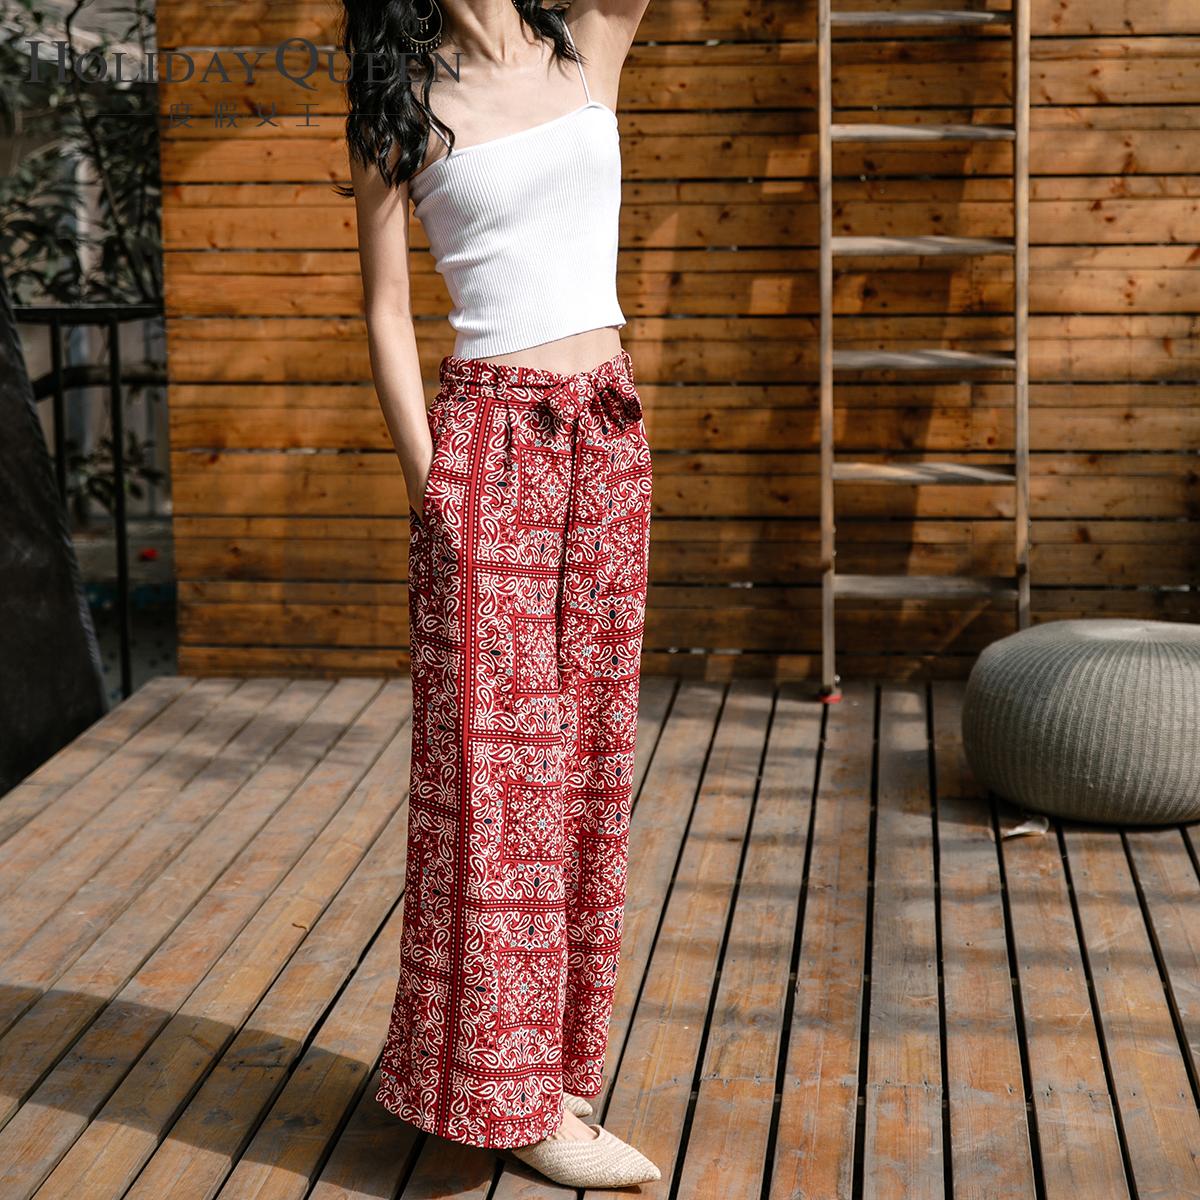 红色印花泰国波西米亚民族风度假沙滩裤女高腰阔腿裤休闲防蚊长裤